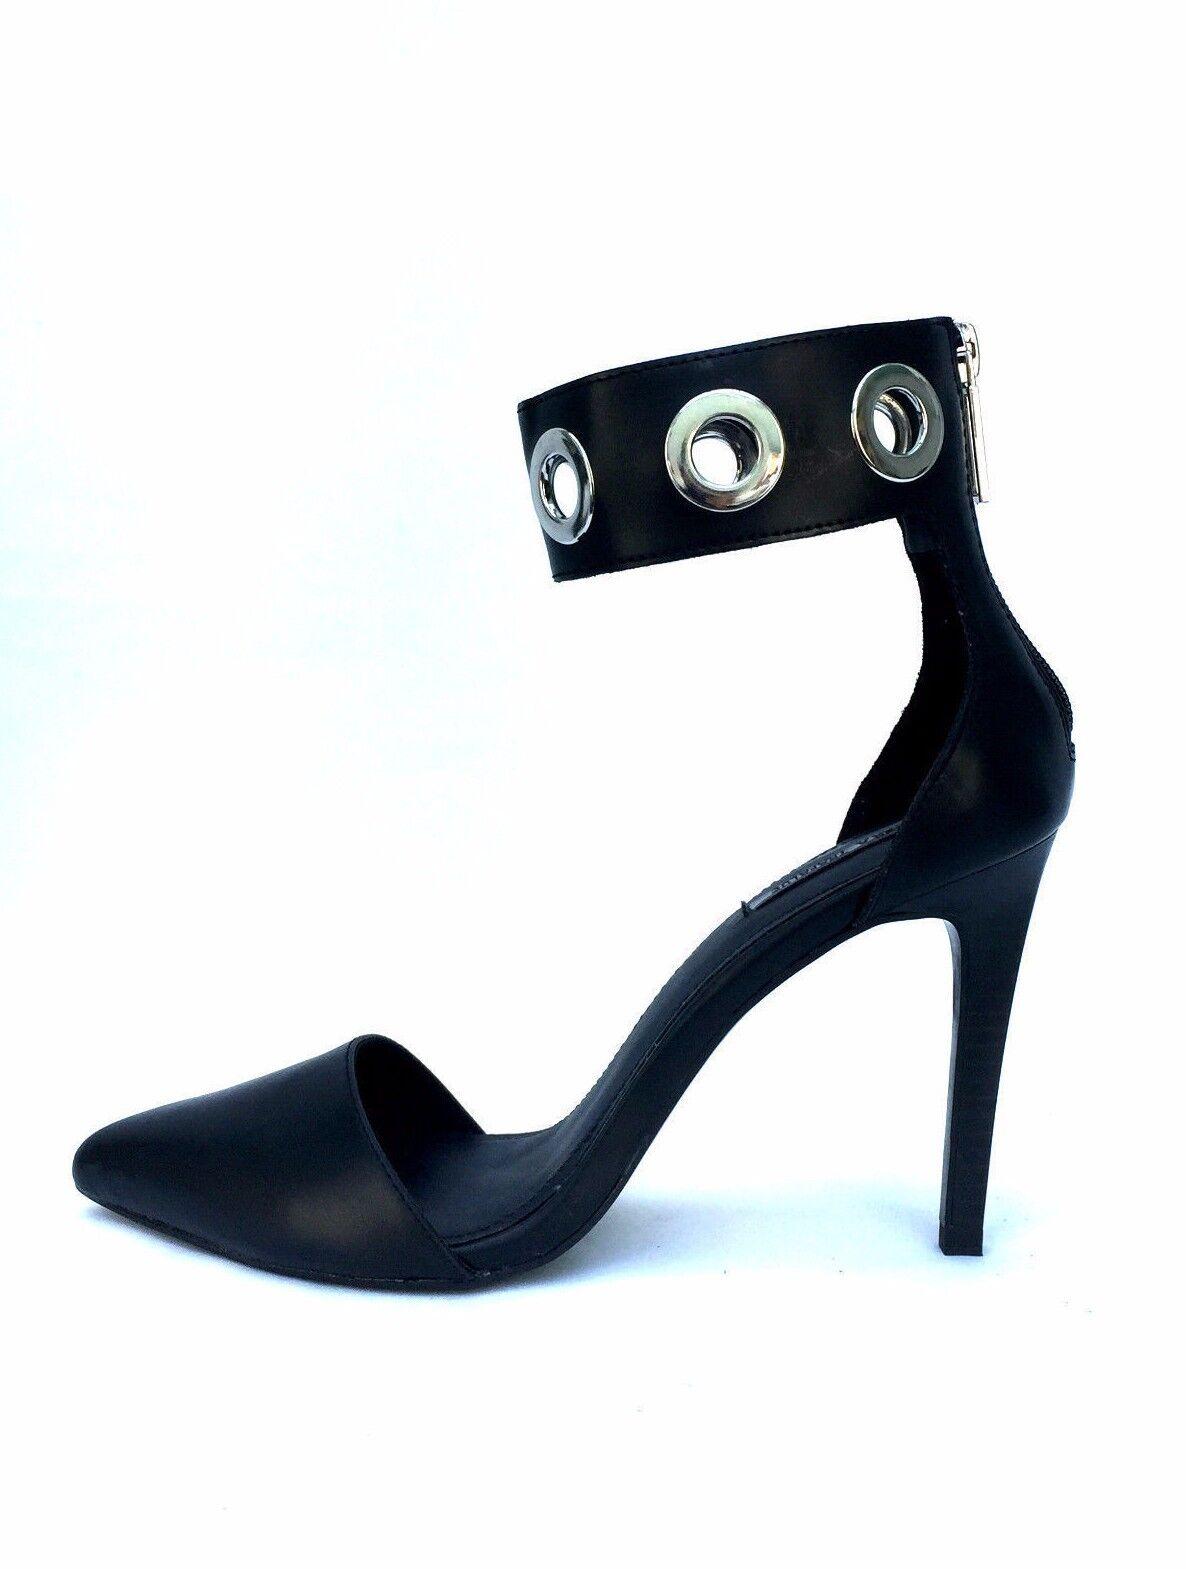 Zara Knöchelriemen D'Orsay D'Orsay D'Orsay High Heels Schuhe Größe UK 4 5 6 7 Neu 1e7ac6